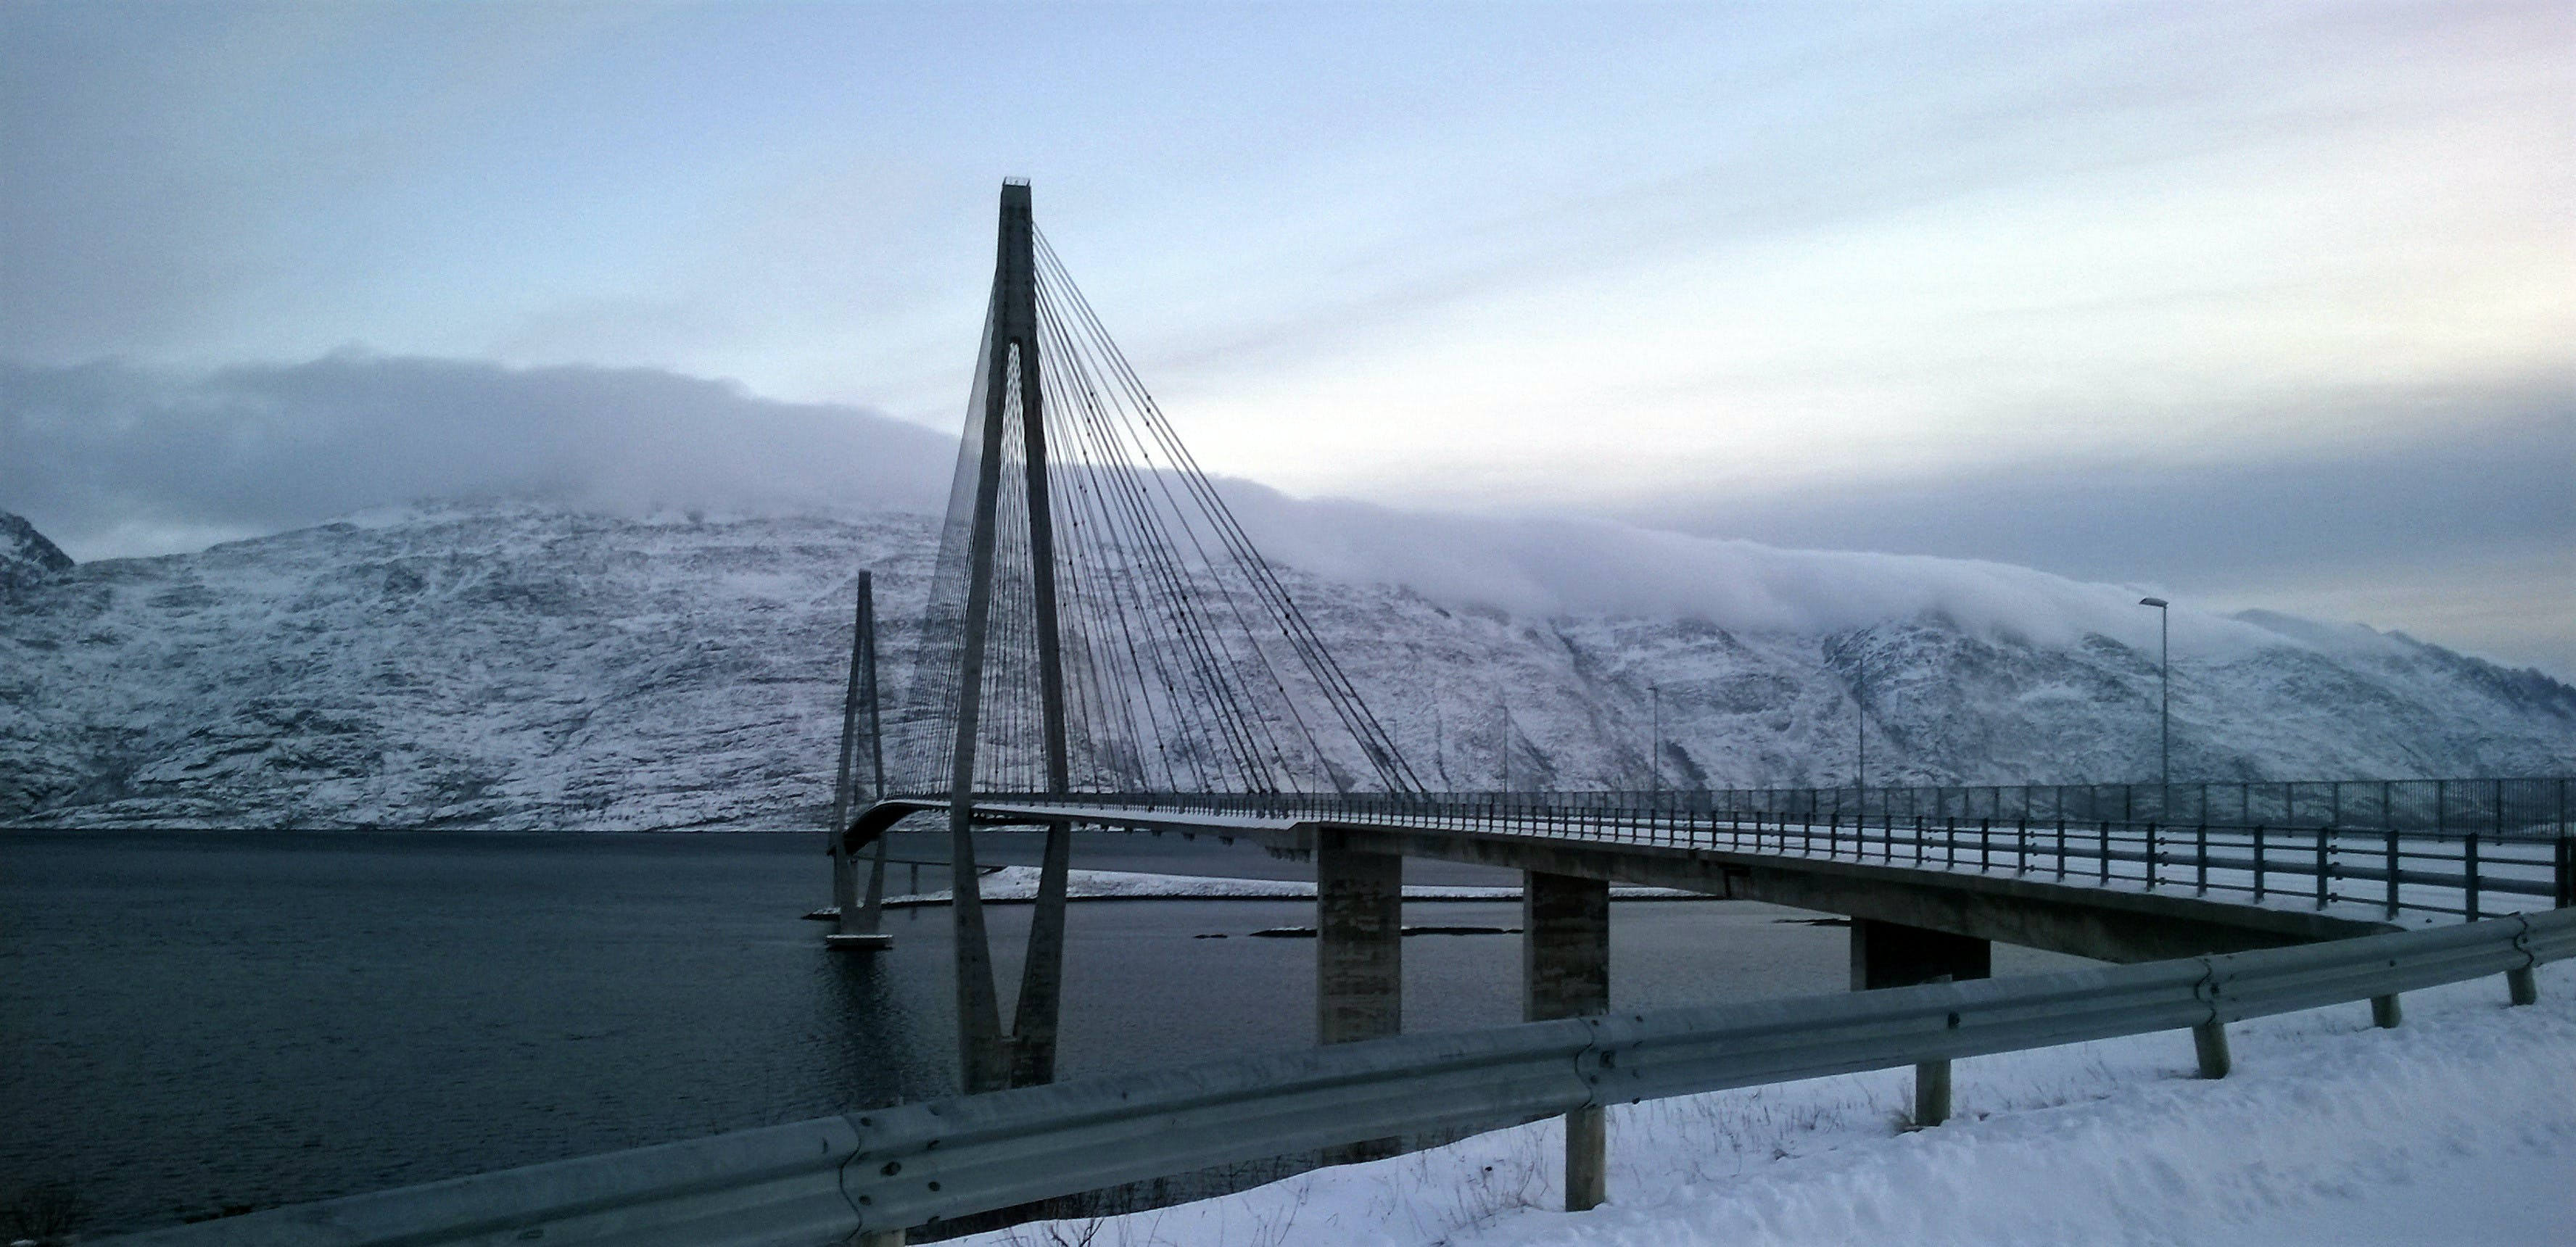 Black Suspension Bridge Under Cumulus Clouds